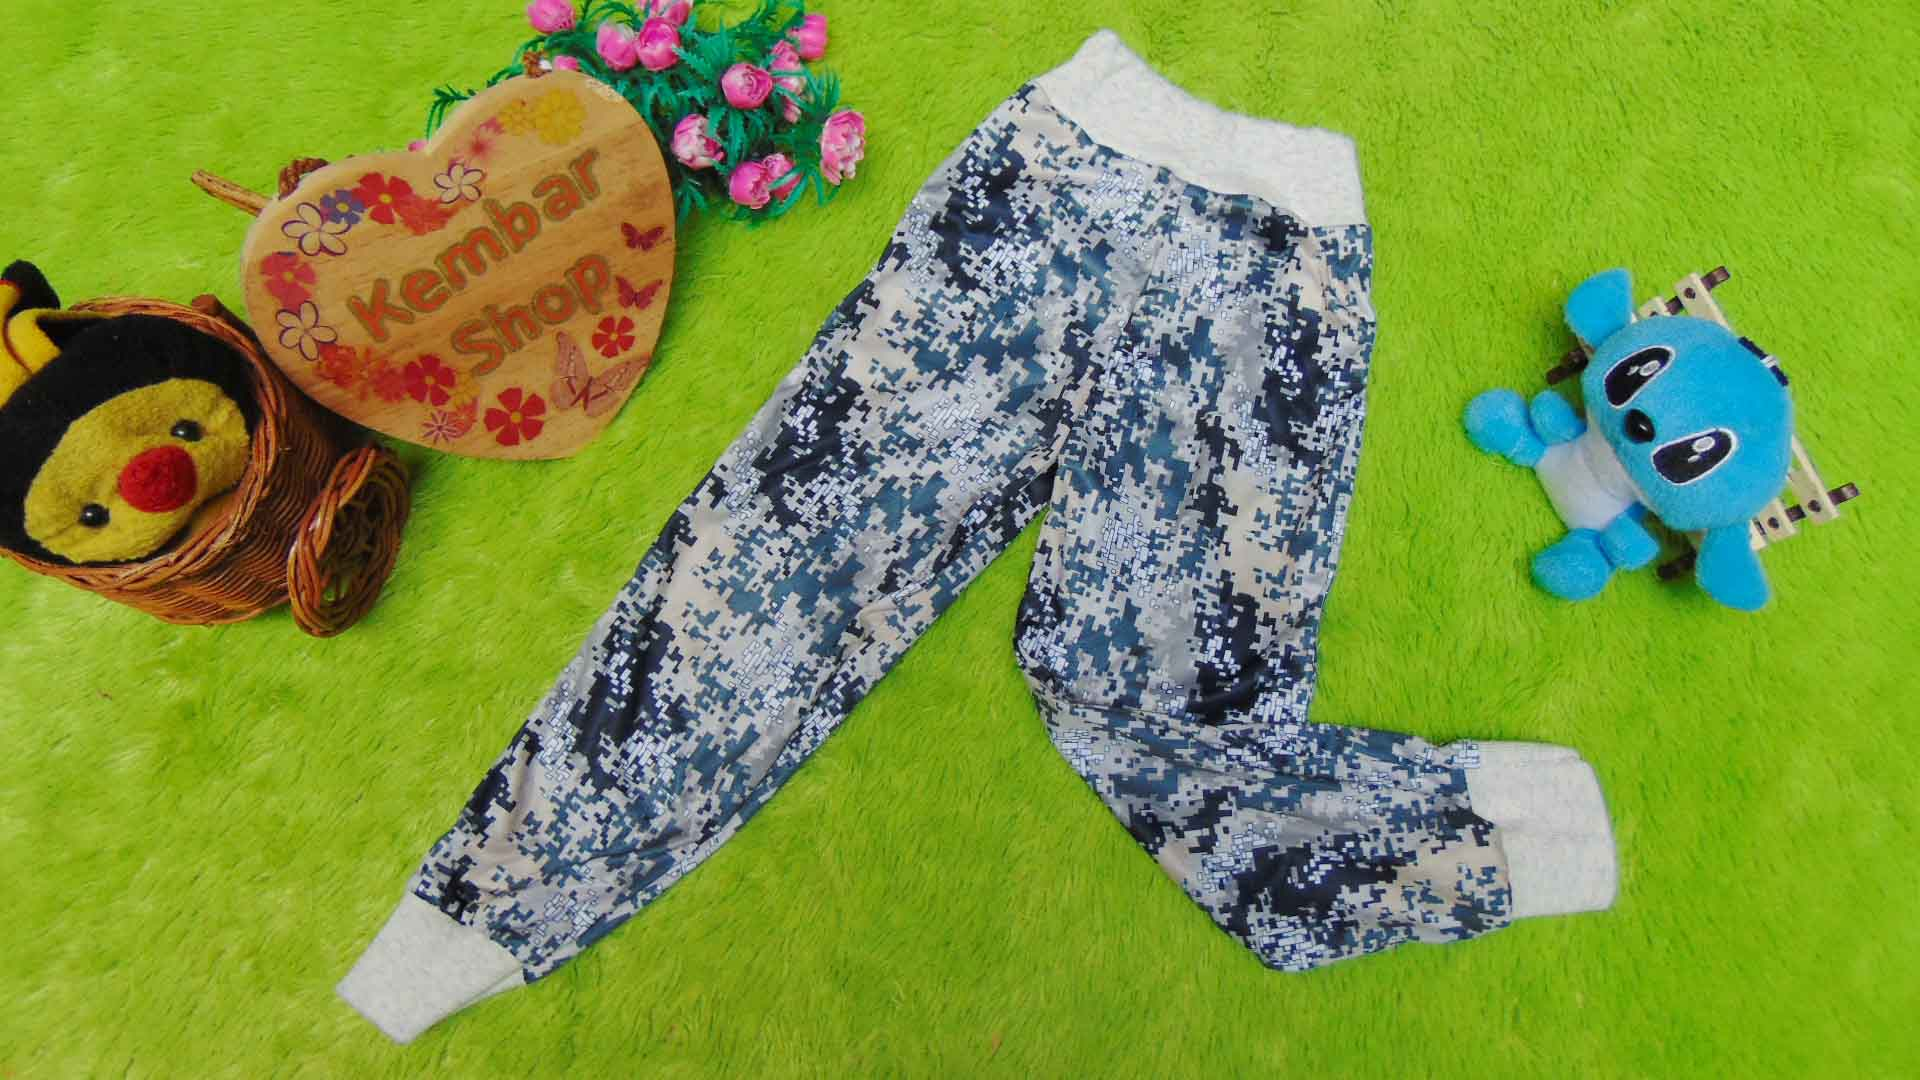 Celana Jogger bayi celana panjang baby 0-12bulan motif mozaik 15 lebar pinggang 15cm-30cm (bisa melar), panjang celana 54cm, bikin dedek bayi tampil kece, bahan adem lembut nyaman untuk harian